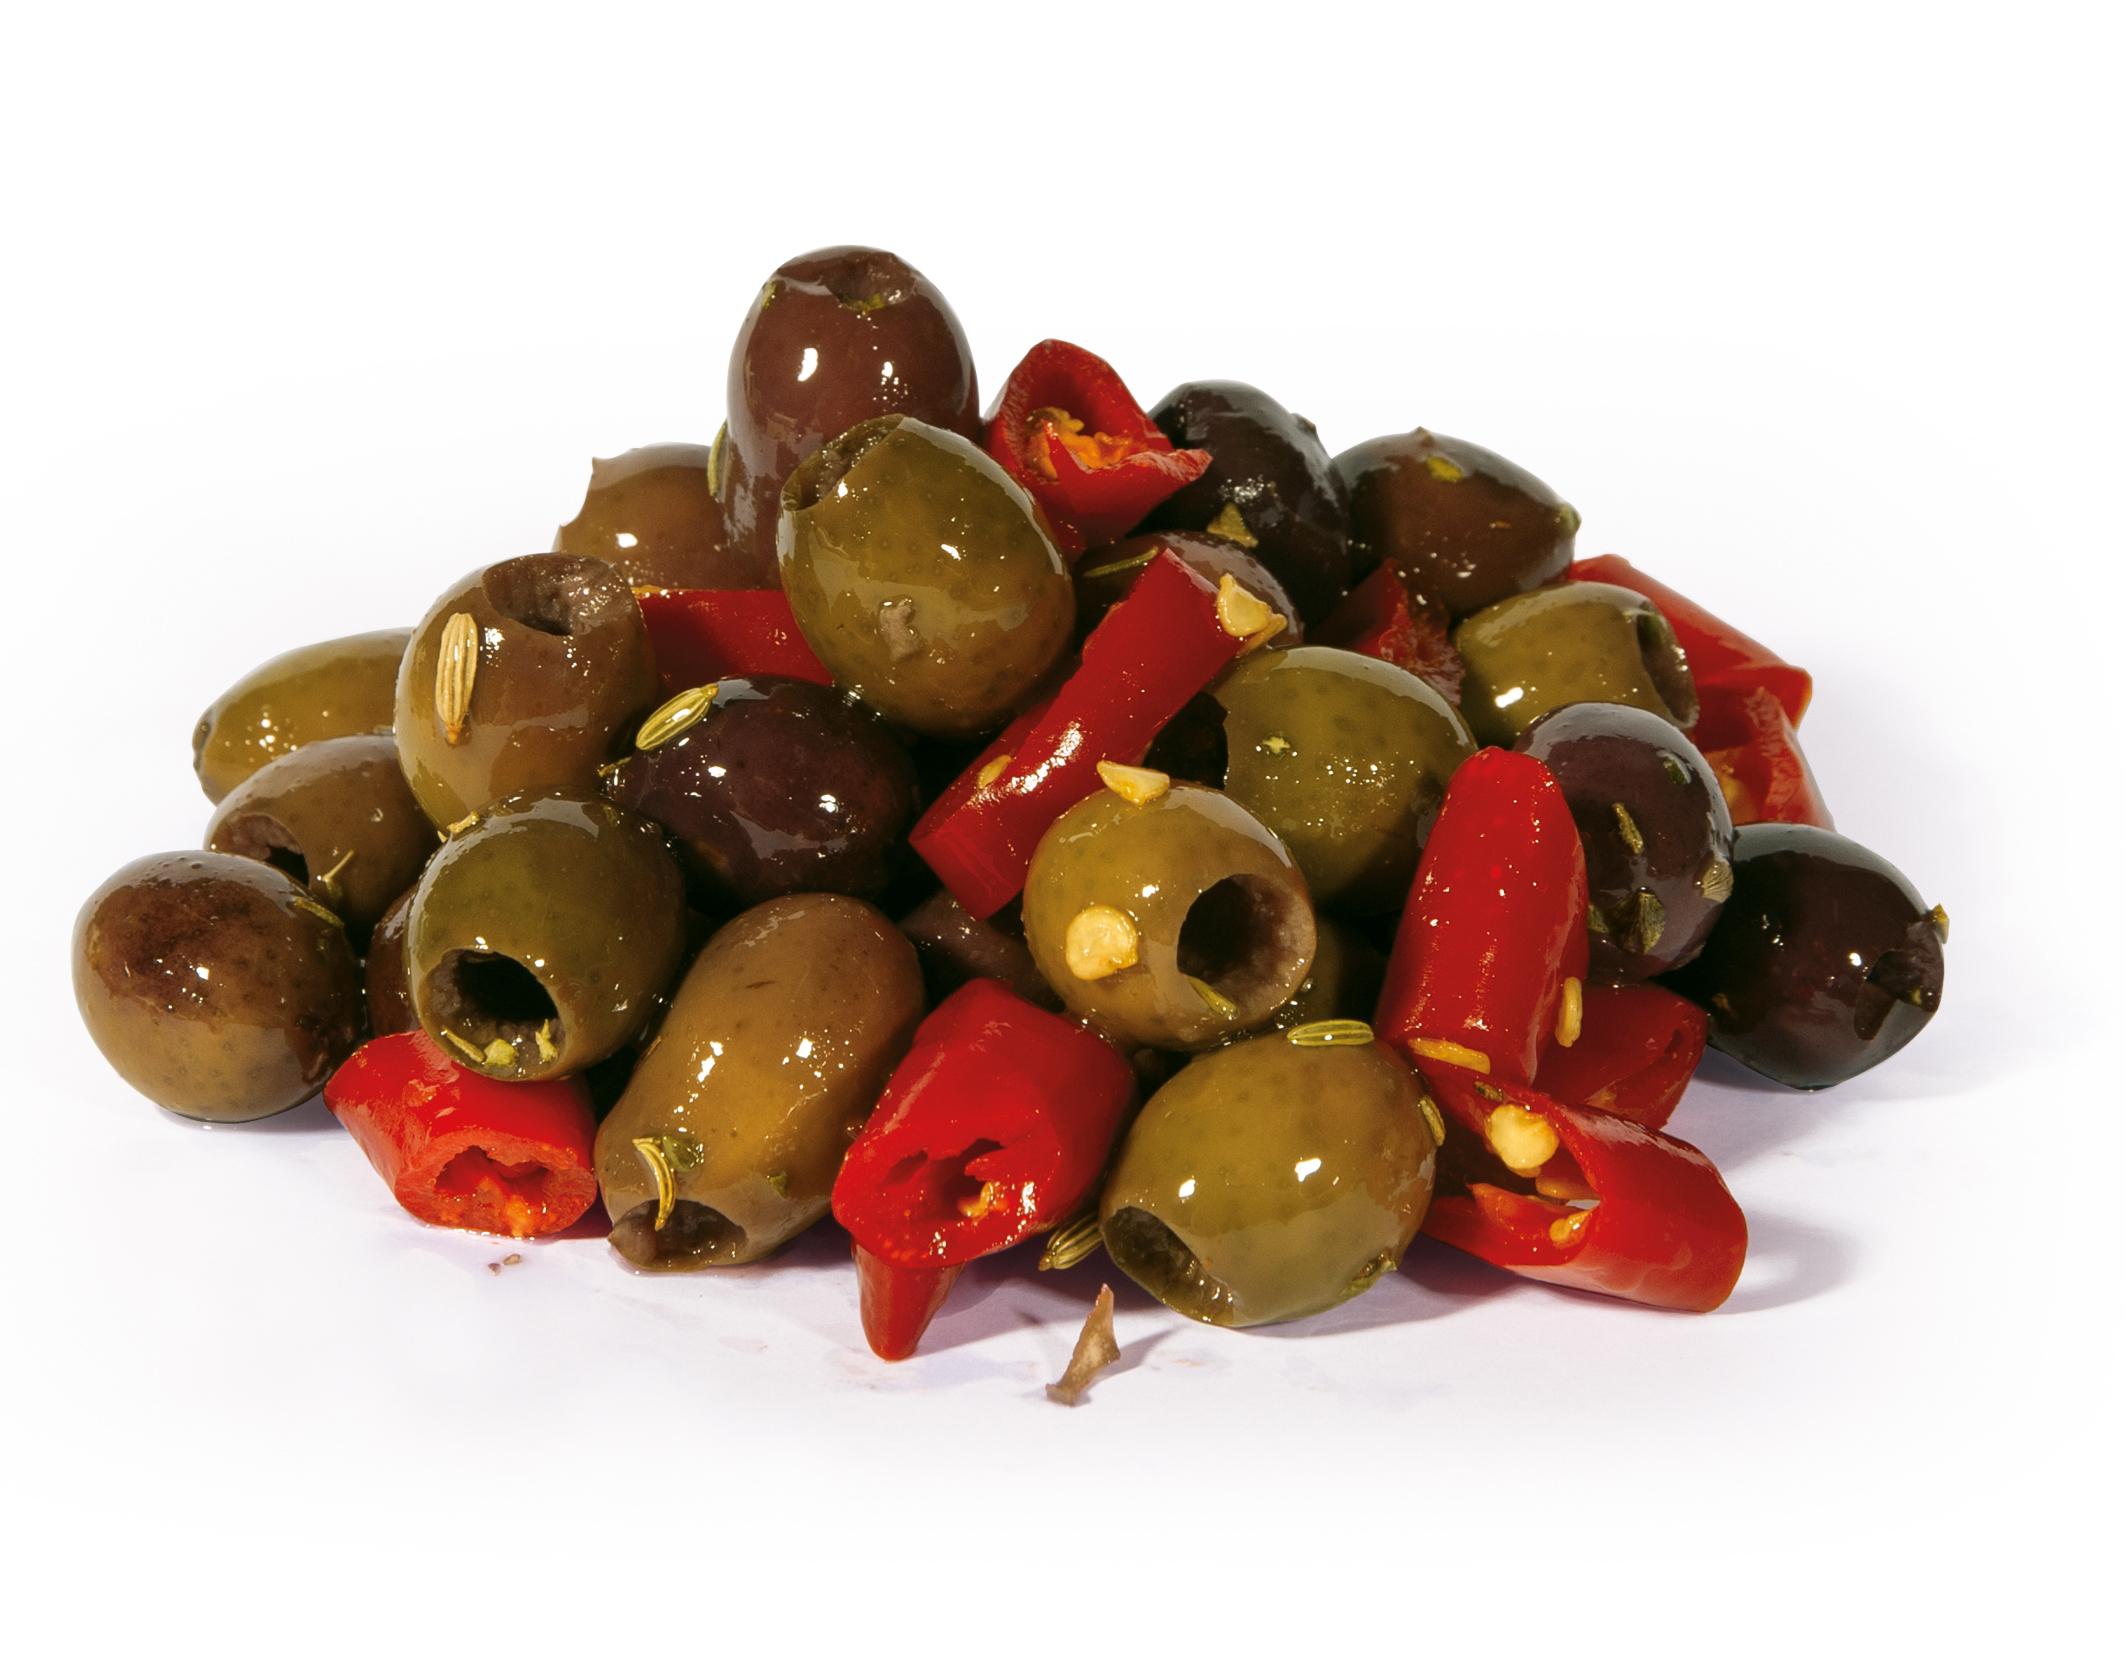 Fantasia di olive piccanti - PecoRaro